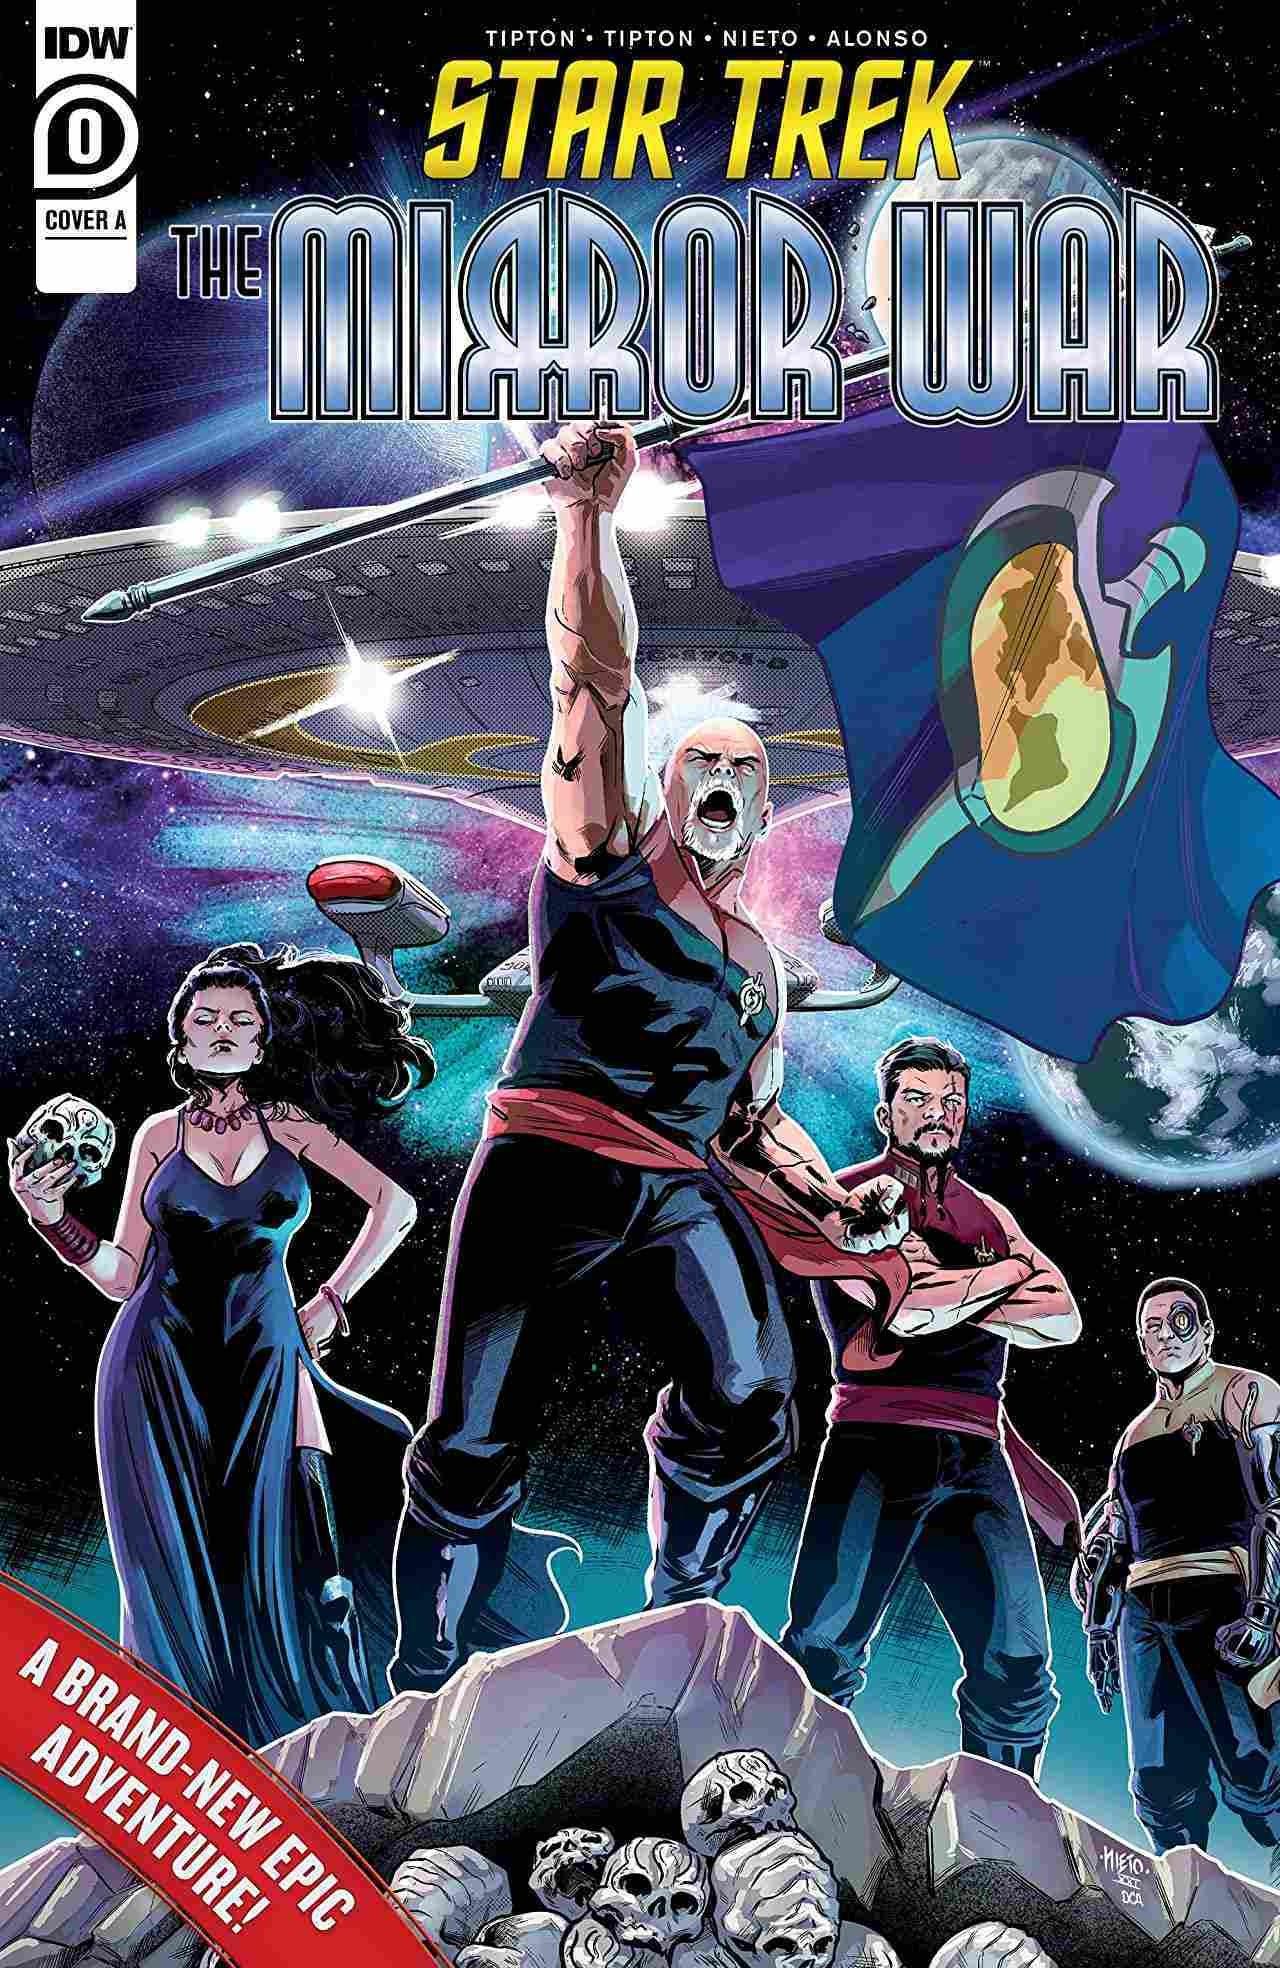 Star Trek The Mirror War #0